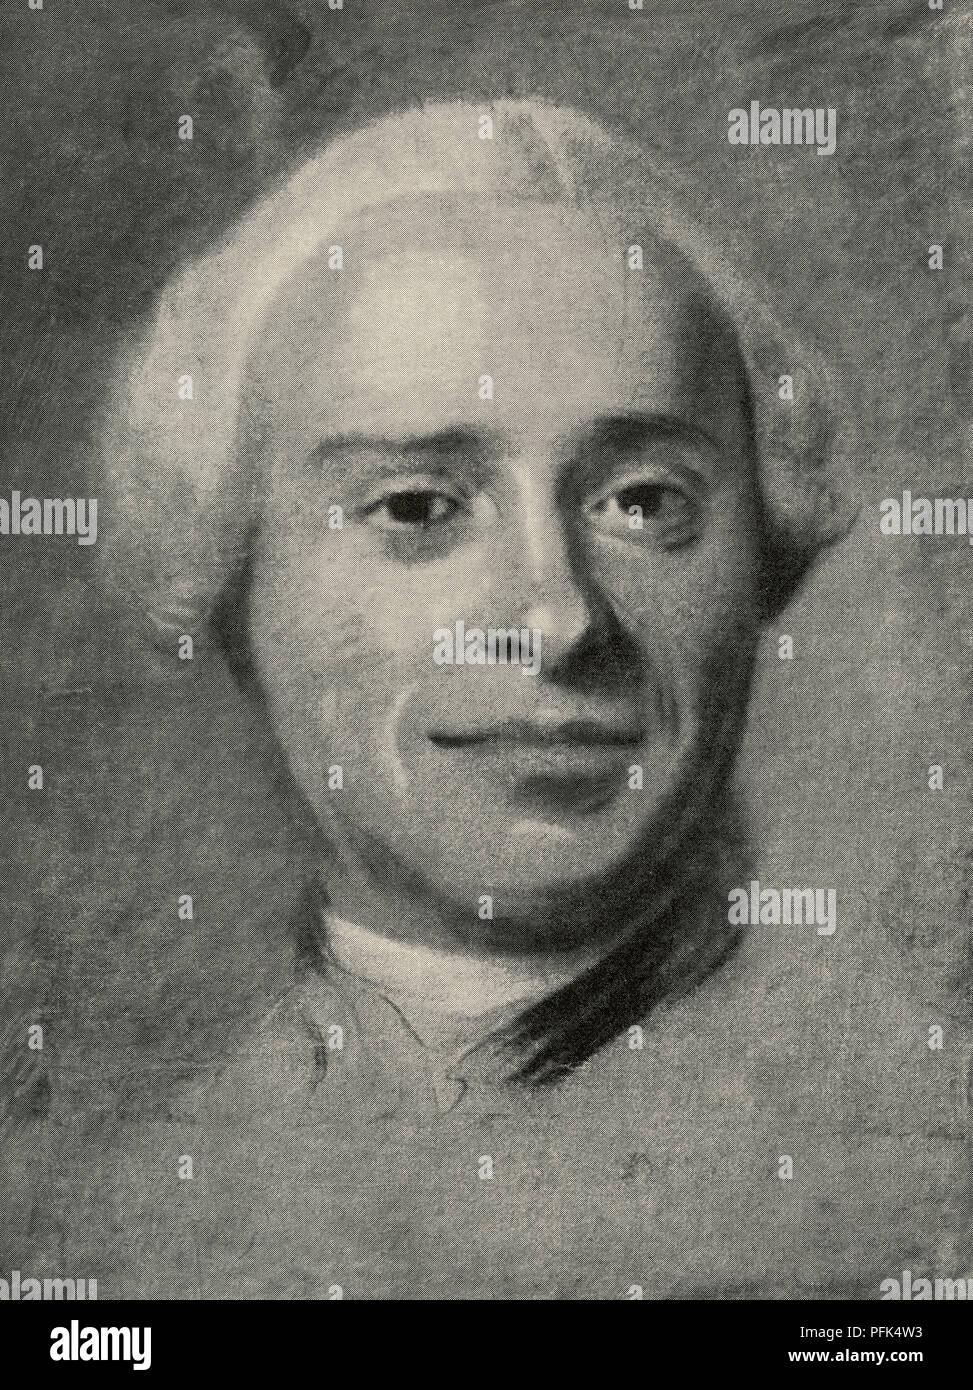 Jean-Baptiste le Rond d'Alembert, 1717 - 1783. Le mathématicien, physicien, philosophe, scientifique américain, et théoricien de la musique. Après un travail de portraitiste rococo français, Maurice Quentin de La Tour, (1704 - 1788). À partir de la Tour, publié en 1920. Photo Stock